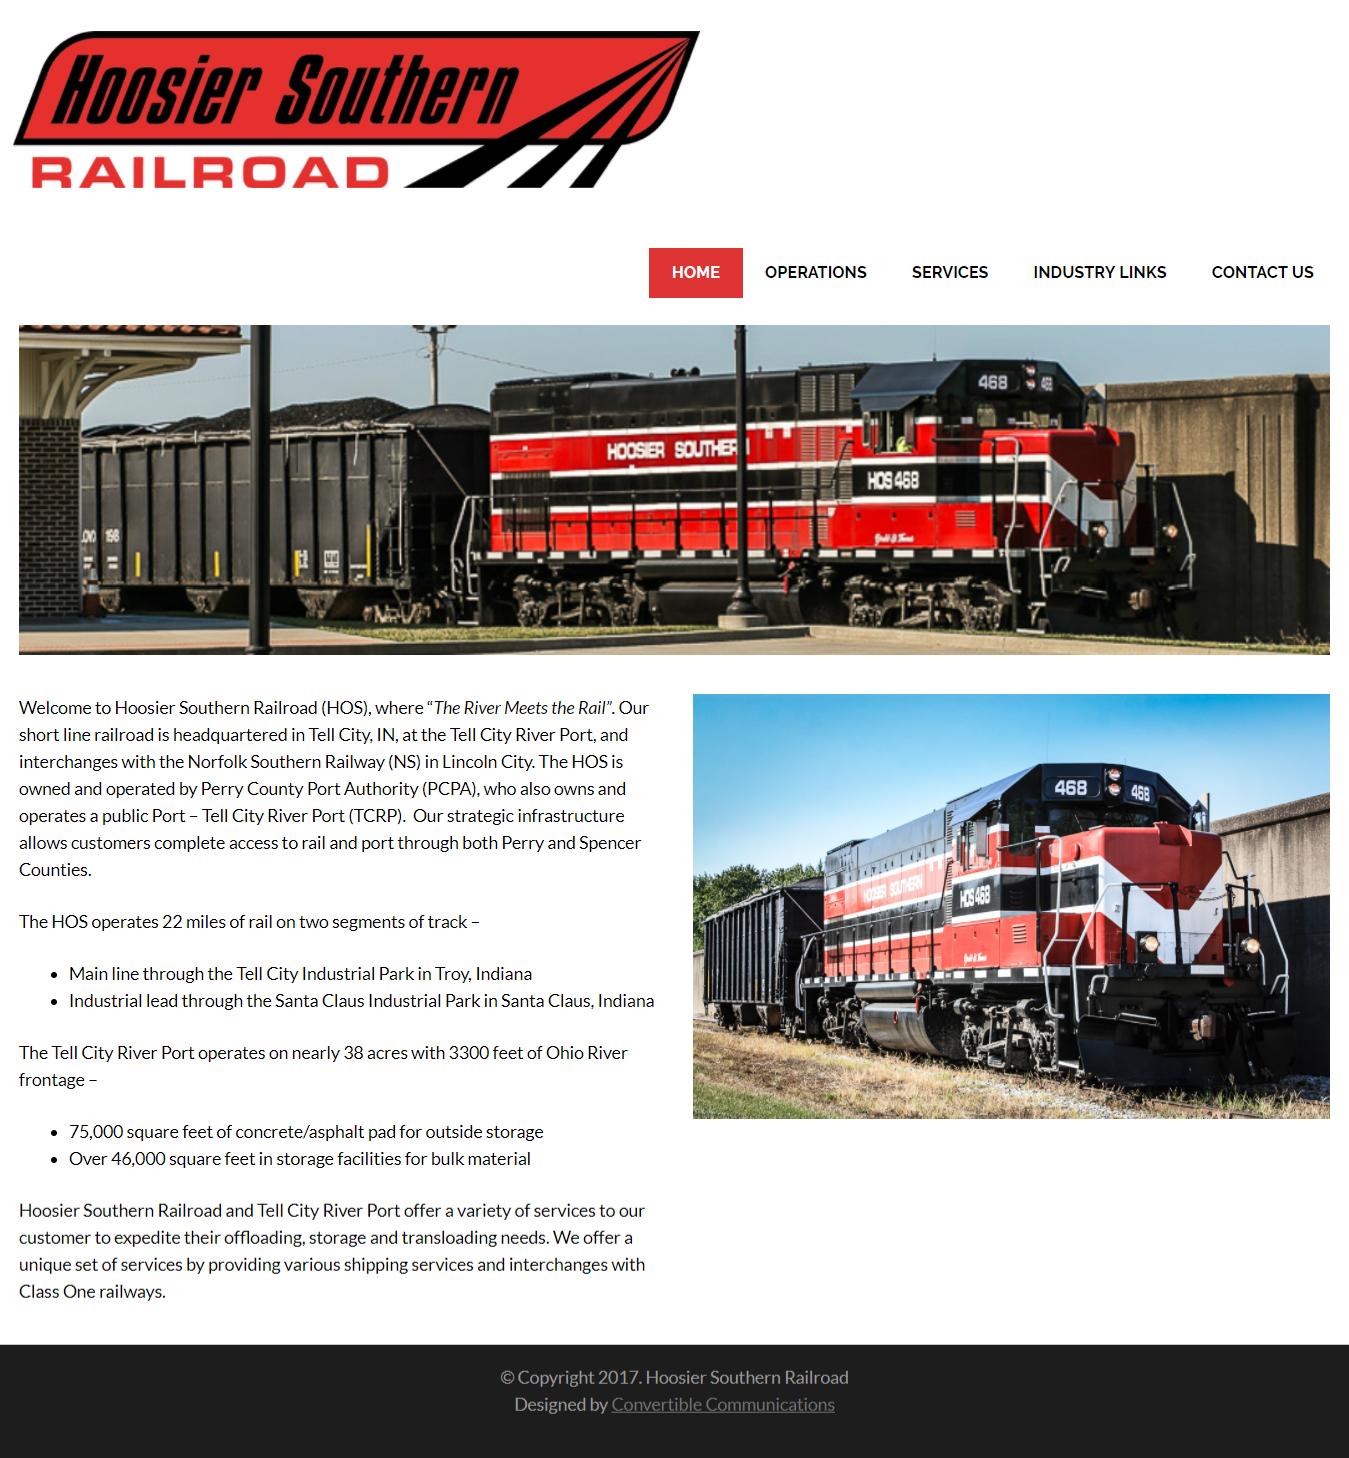 Hoosier Southern Railroad Website